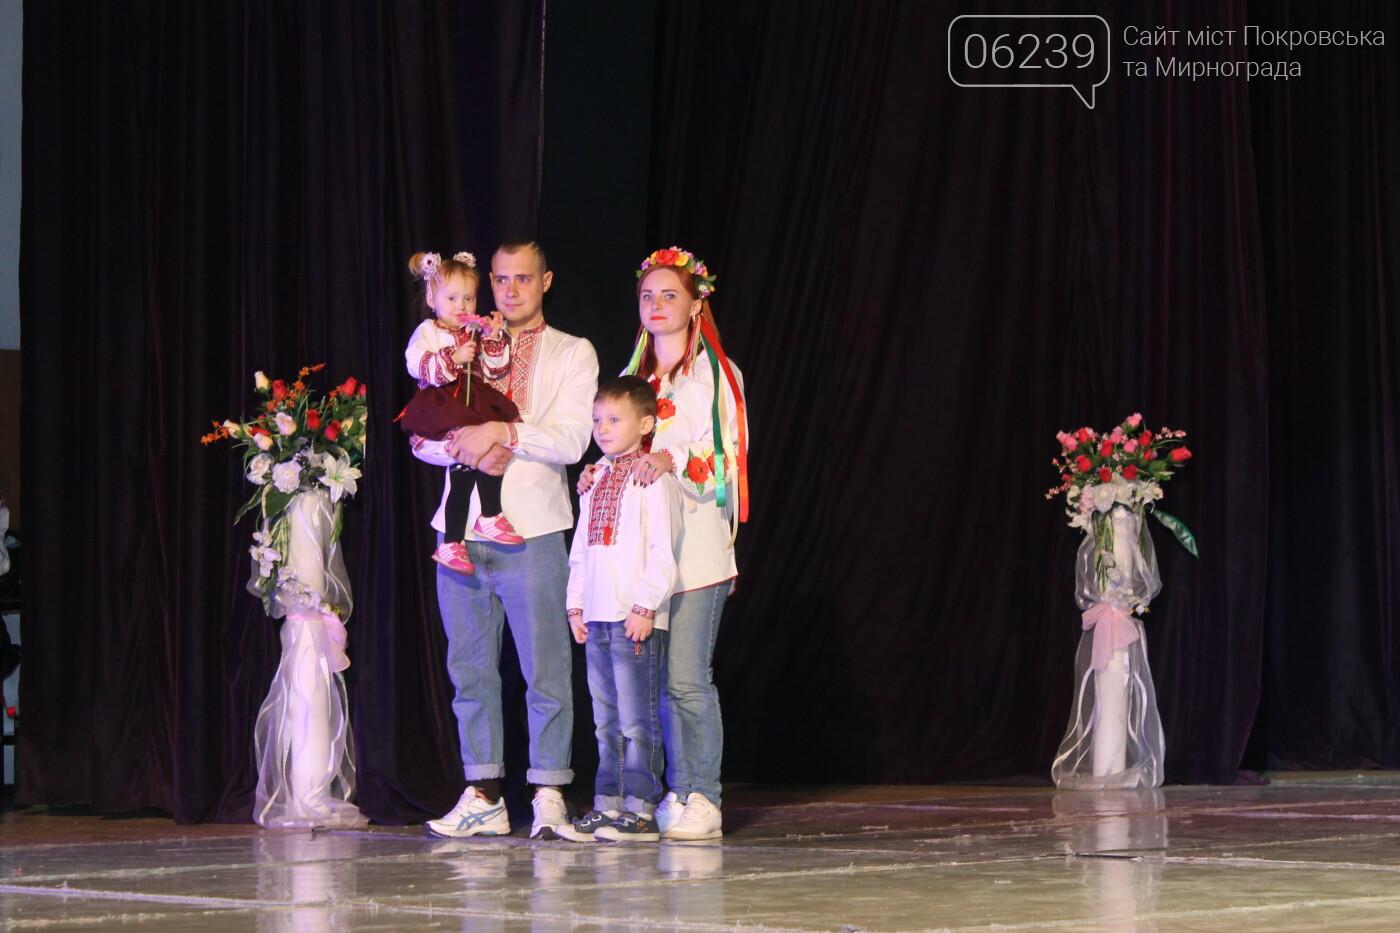 """Лучшей """"Молодой семьей 2019 года"""" объявлена чета Балмаевых из Мирнограда, фото-1"""